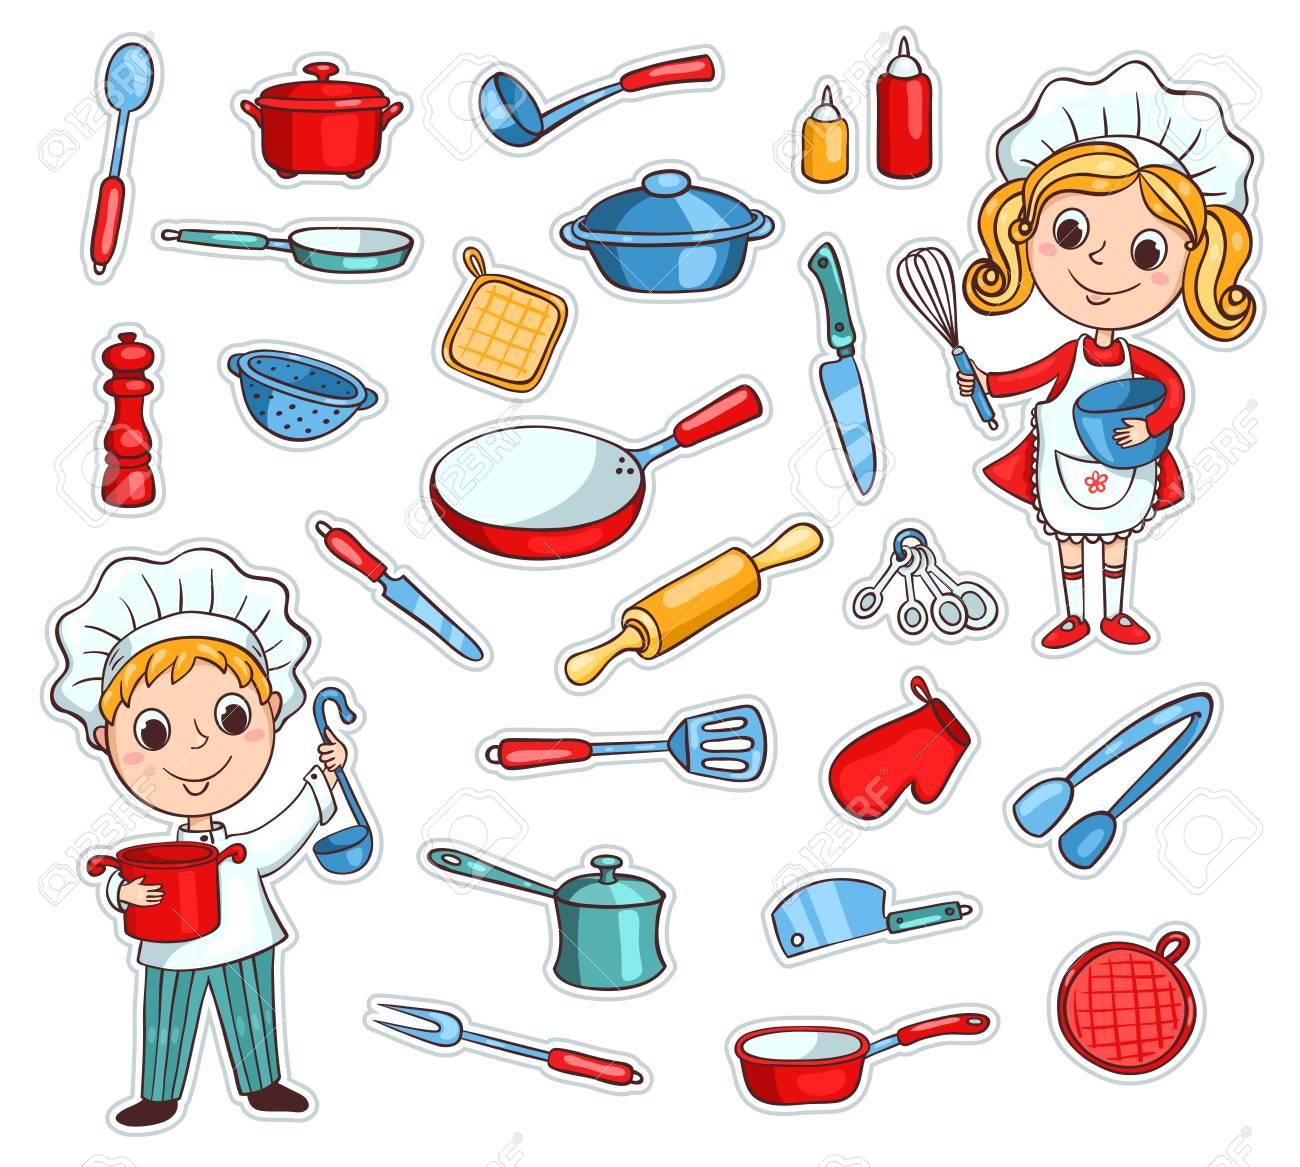 Conjunto De Utensilios De Cocina De Dibujos Animados Y Dos